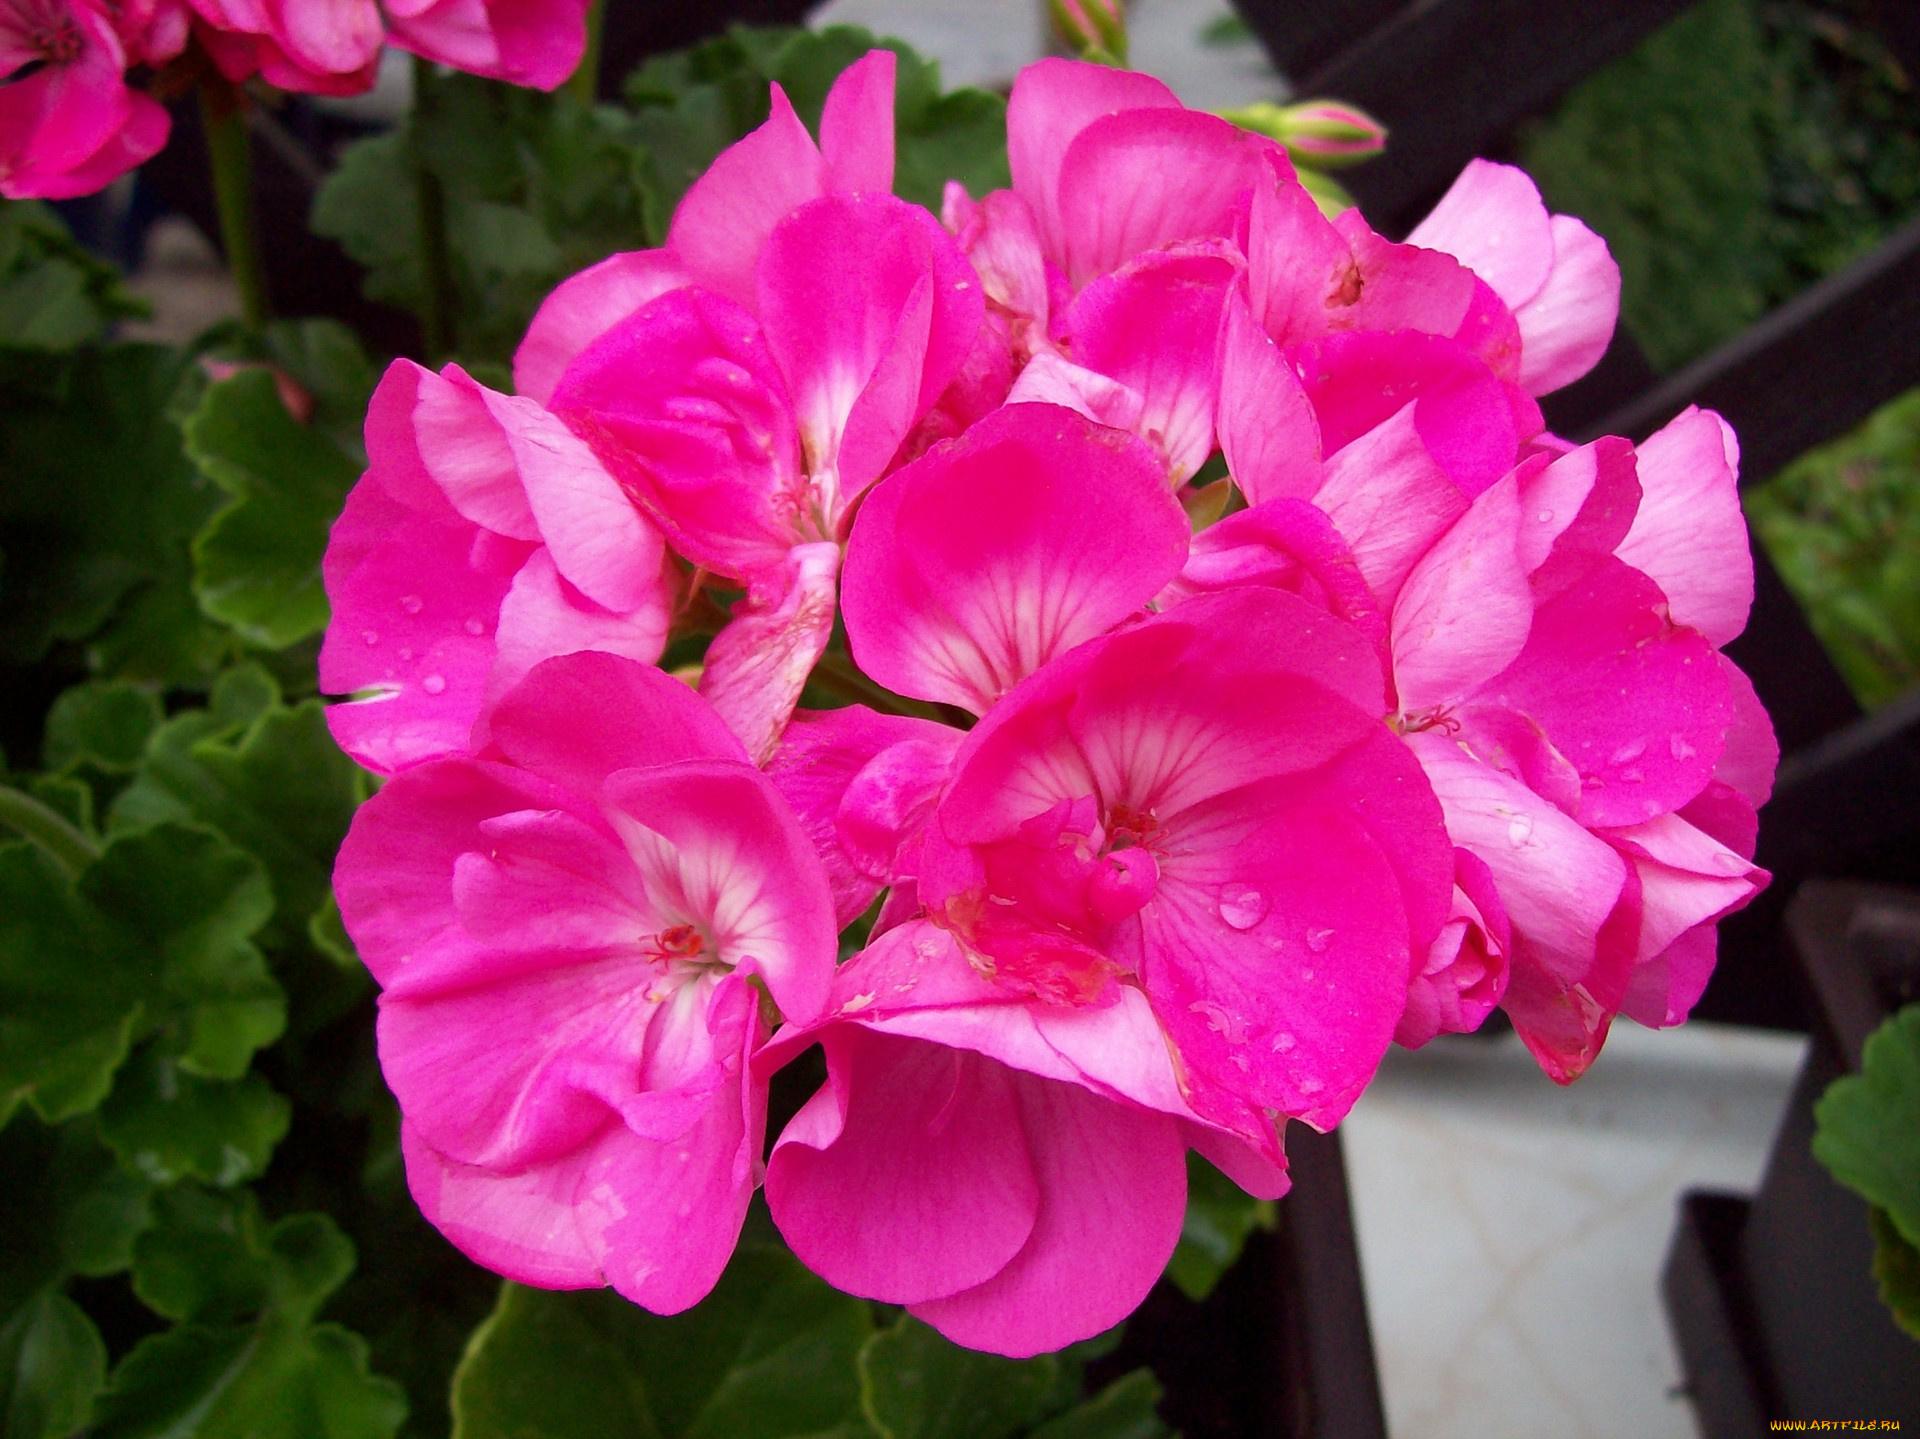 Pelargonium pink photo